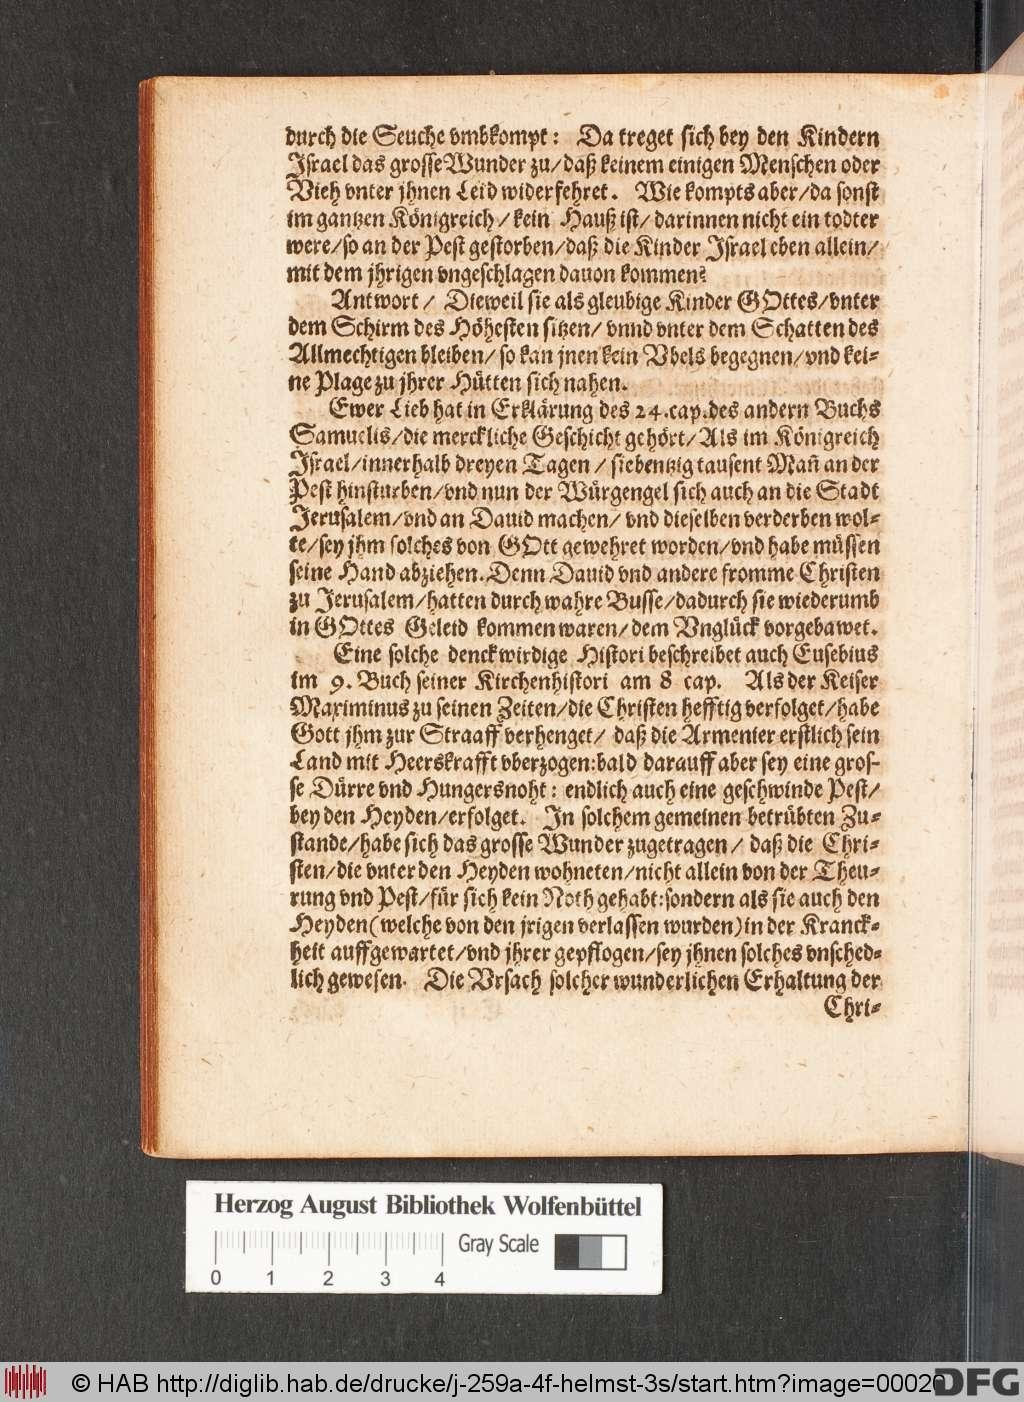 http://diglib.hab.de/drucke/j-259a-4f-helmst-3s/00020.jpg